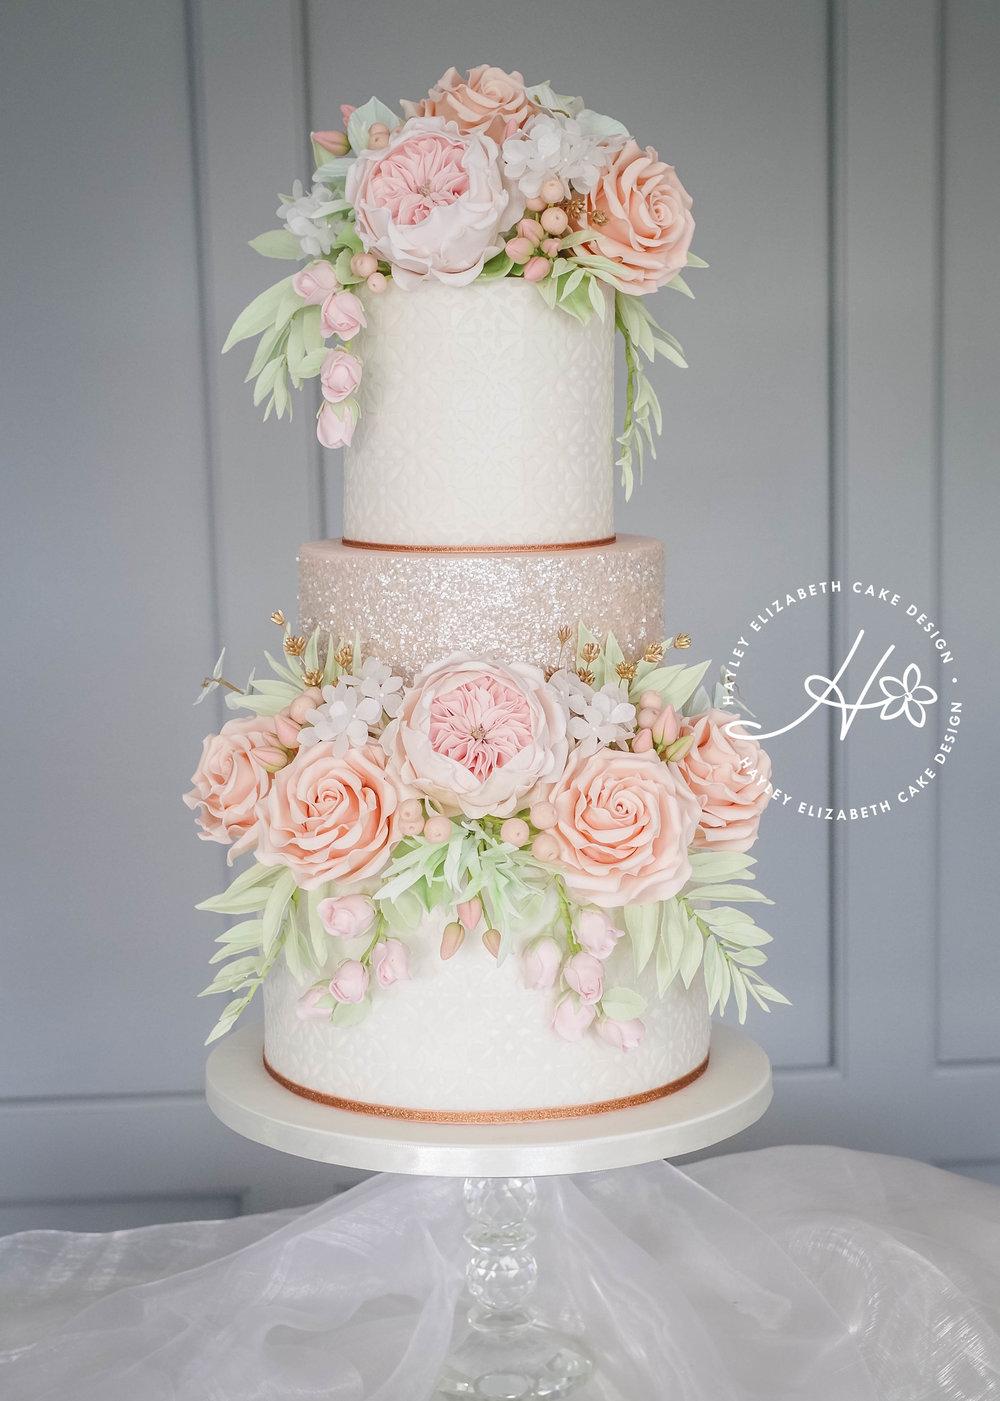 ricepaper and glitter flower cake-10.jpg